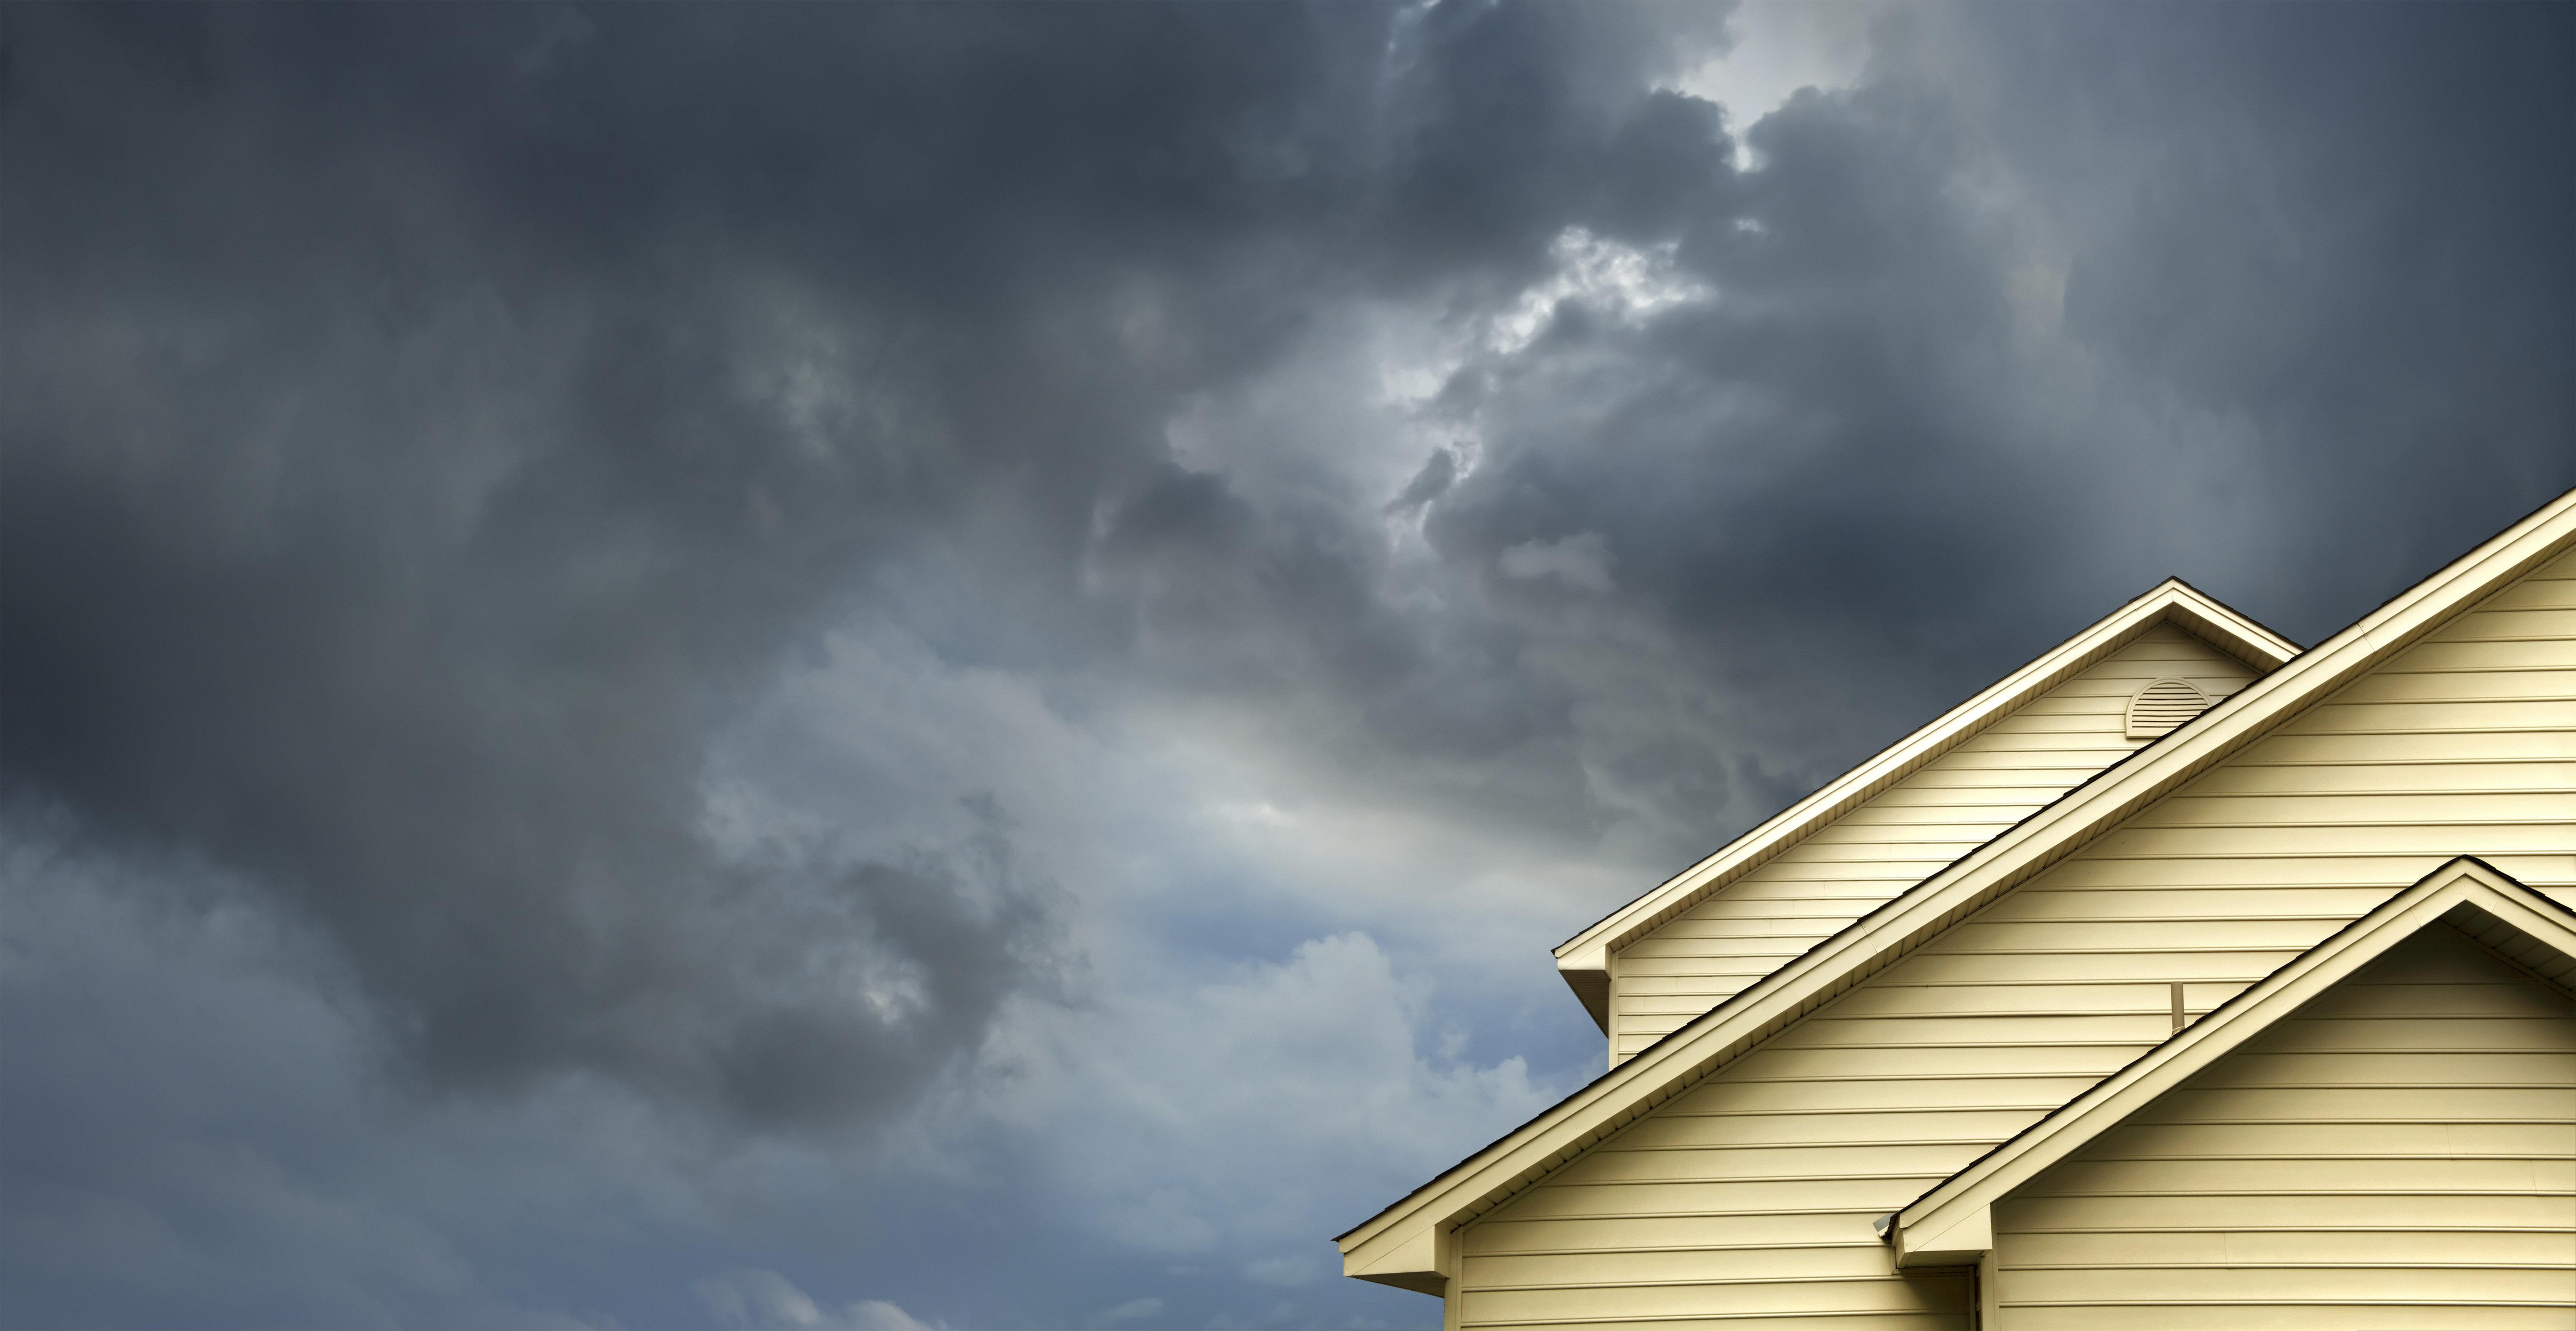 Ραγδαία μεταβολή του καιρού από σήμερα: Με ομπρέλα, αναμένοντας τα 10